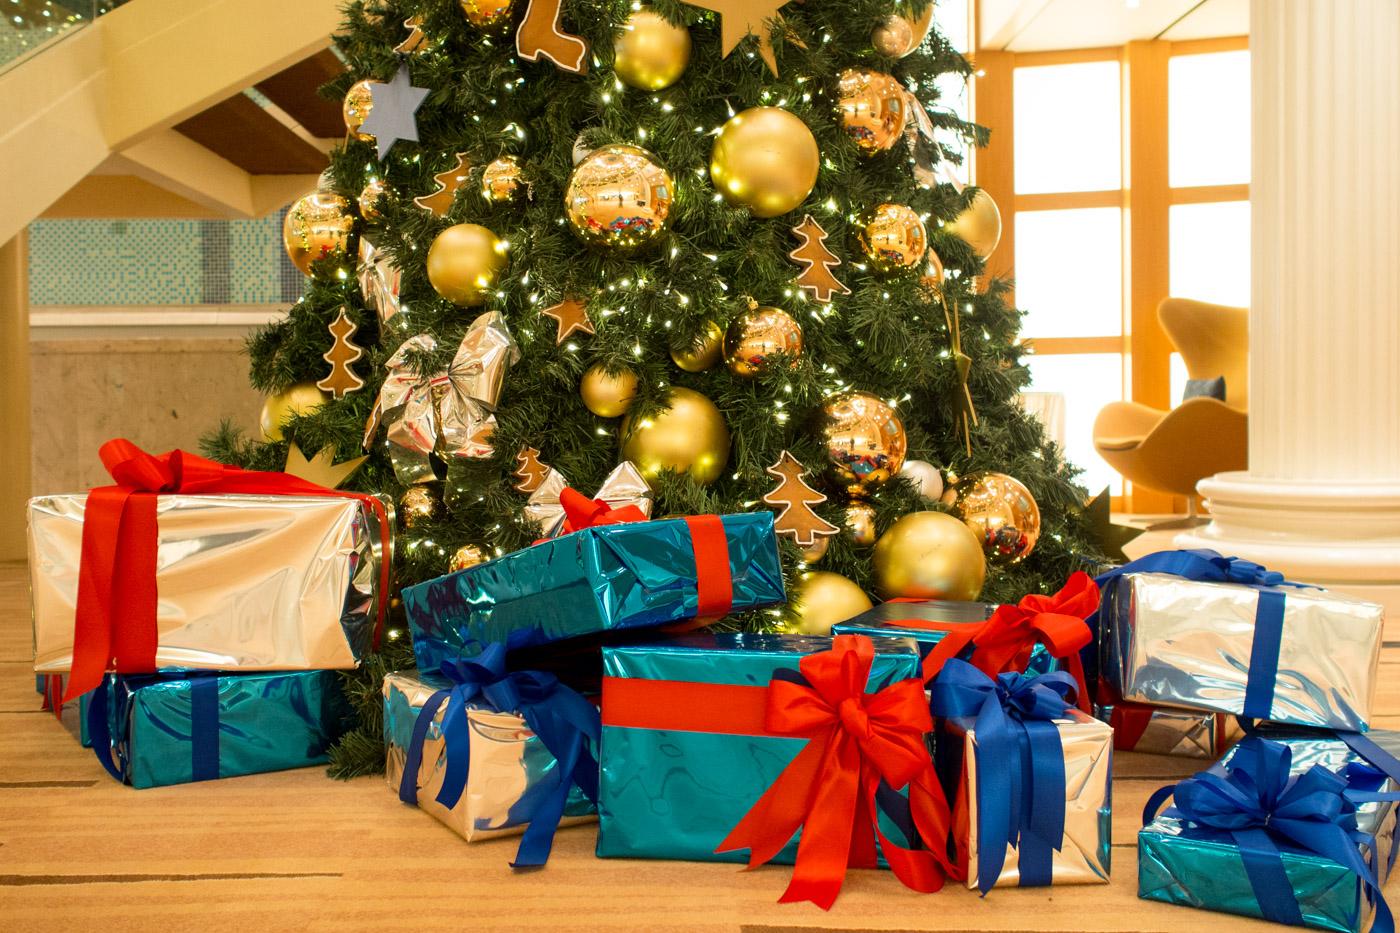 Mein Journal: Frohe Weihnachten von der Mein Schiff 2 - Mein Schiff Blog